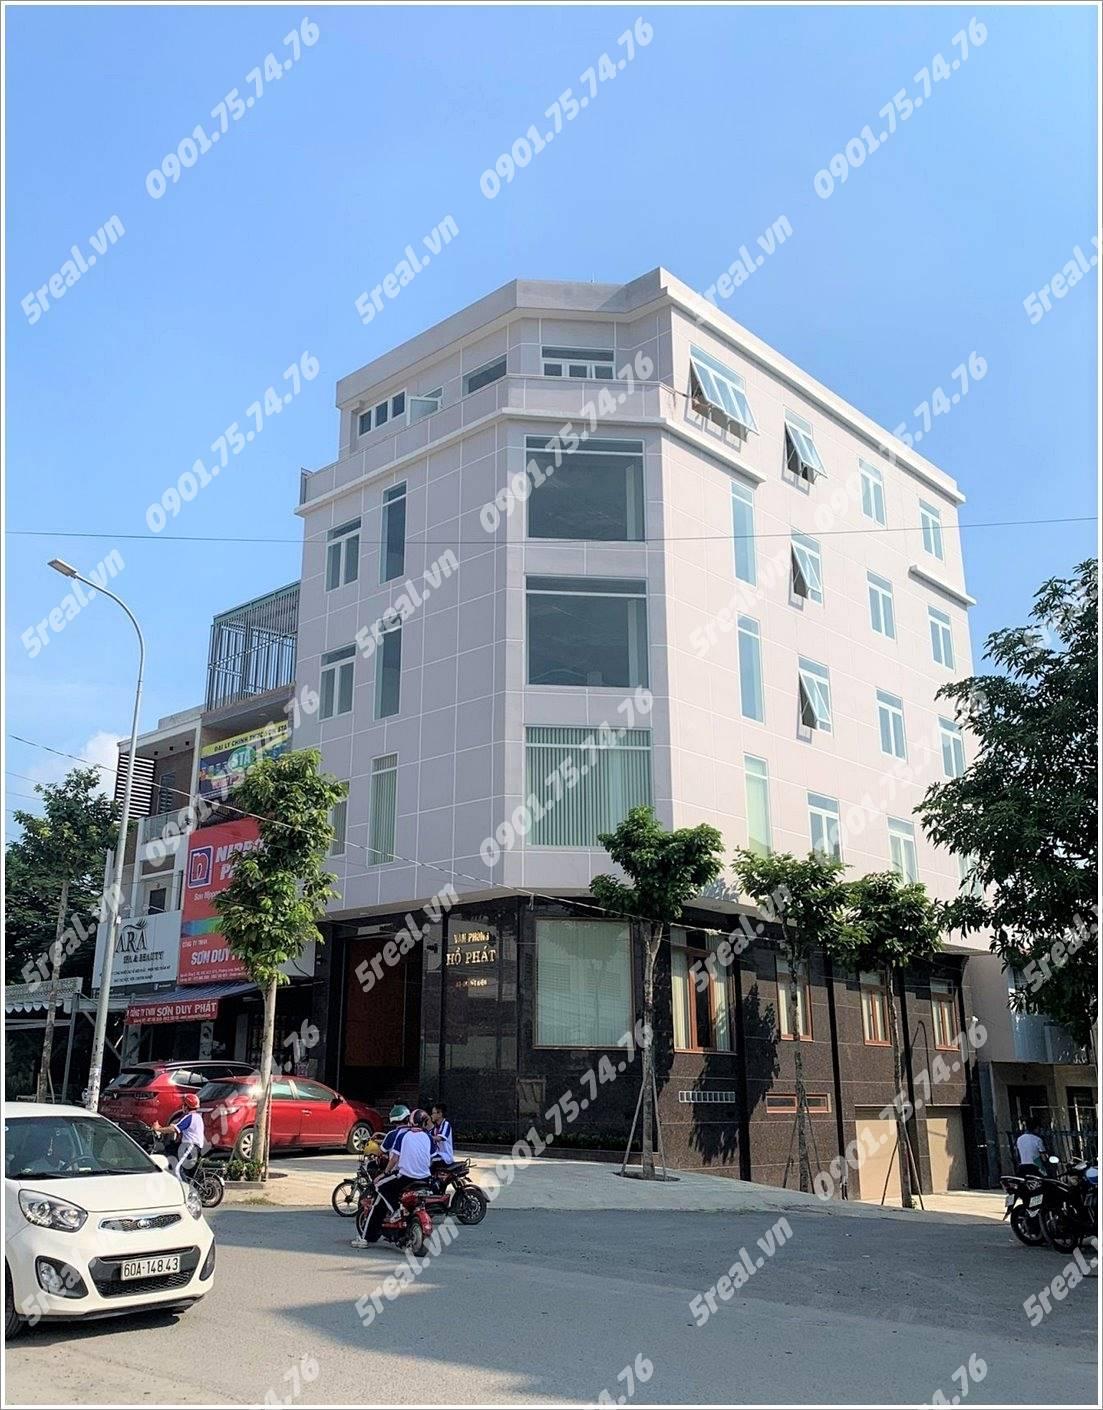 ho-phat-building-yet-kieu-van-phong-cho-thue-bien-hoa-dong-nai-5real.vn-01